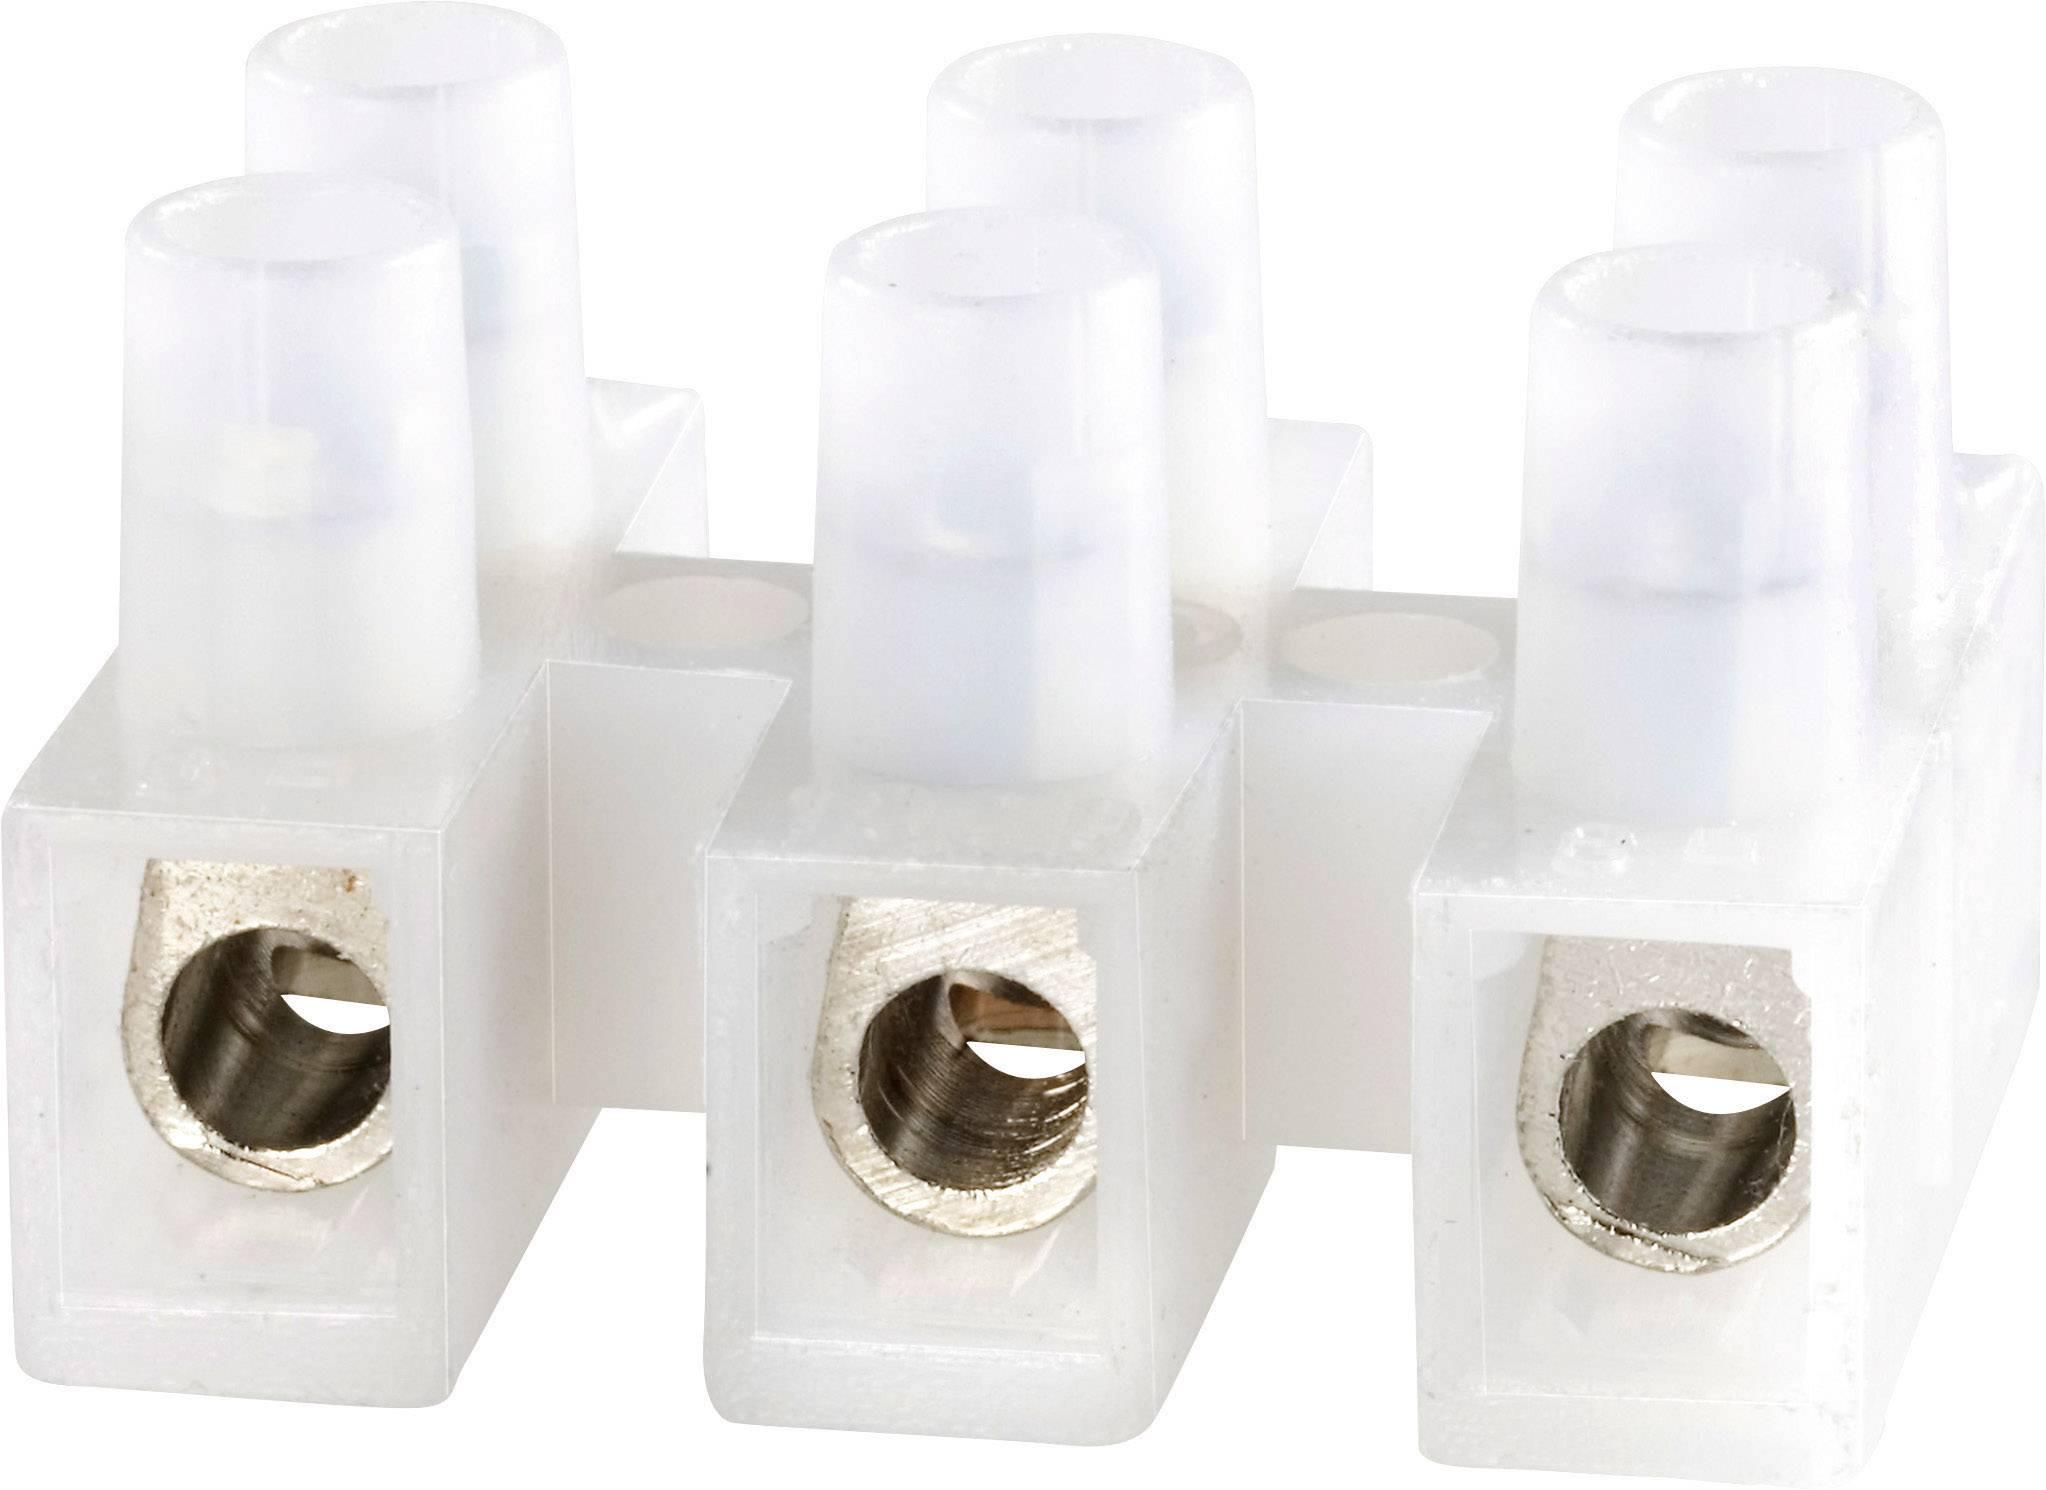 Svietidlové svorky Adels-Contact 1000/3 DS na kábel s rozmerom -6 mm², pólů 3, 1 ks, prírodná